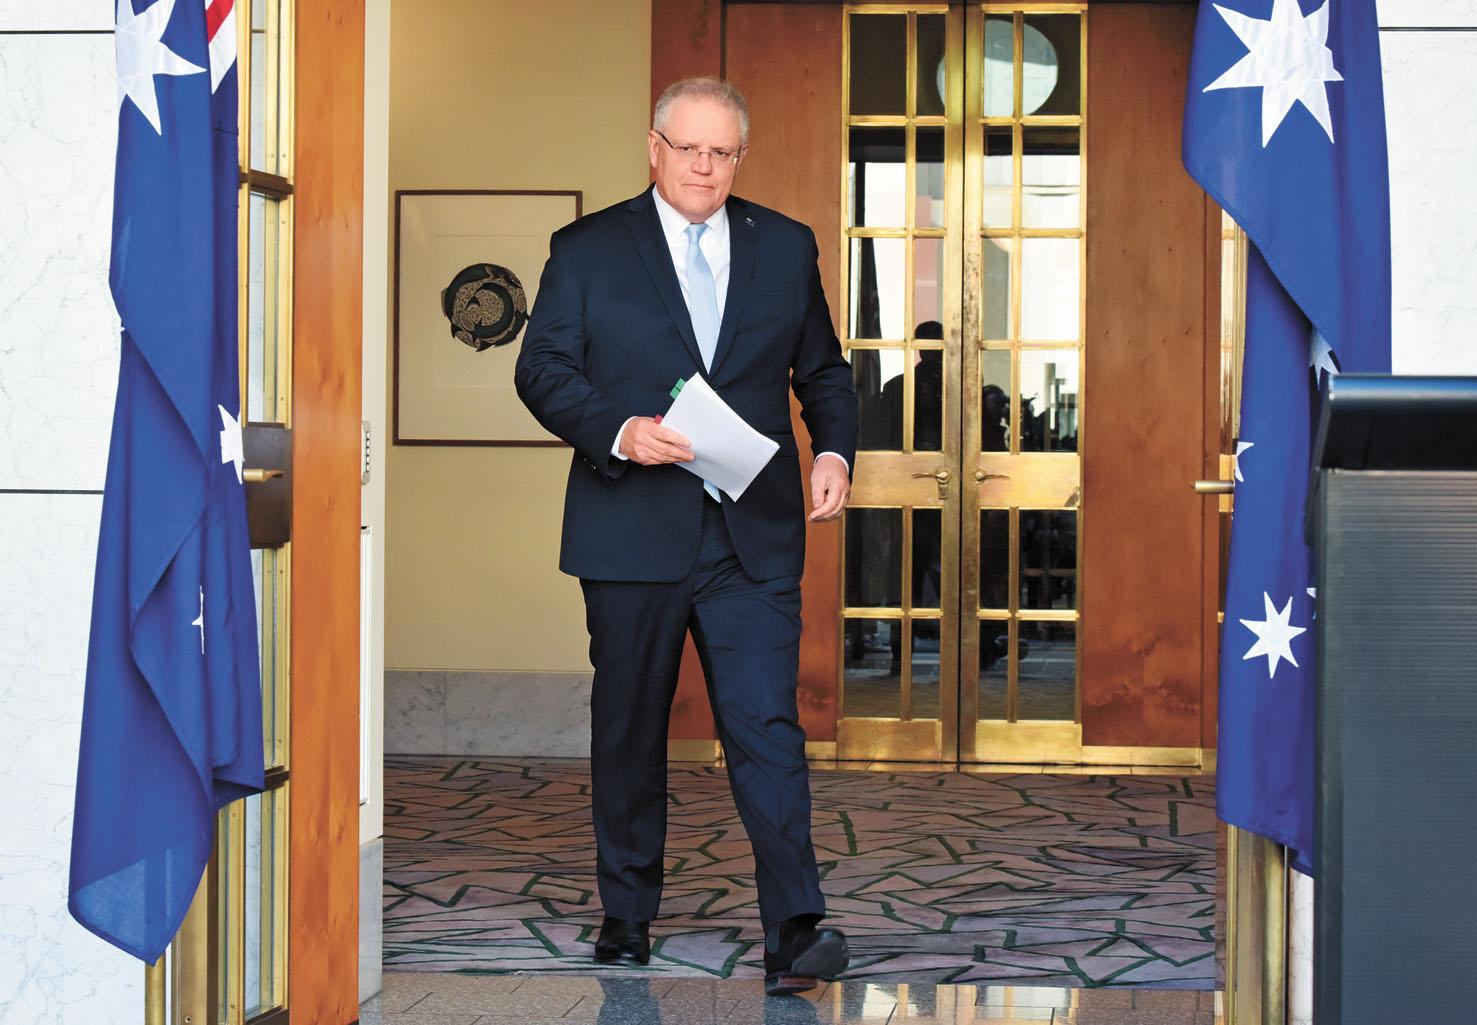 有報道指,莫里森12月1日在執政聯盟會議上承認中澳關係嚴峻,並表示努力保持與中國的工作關係。彭博社資料圖片